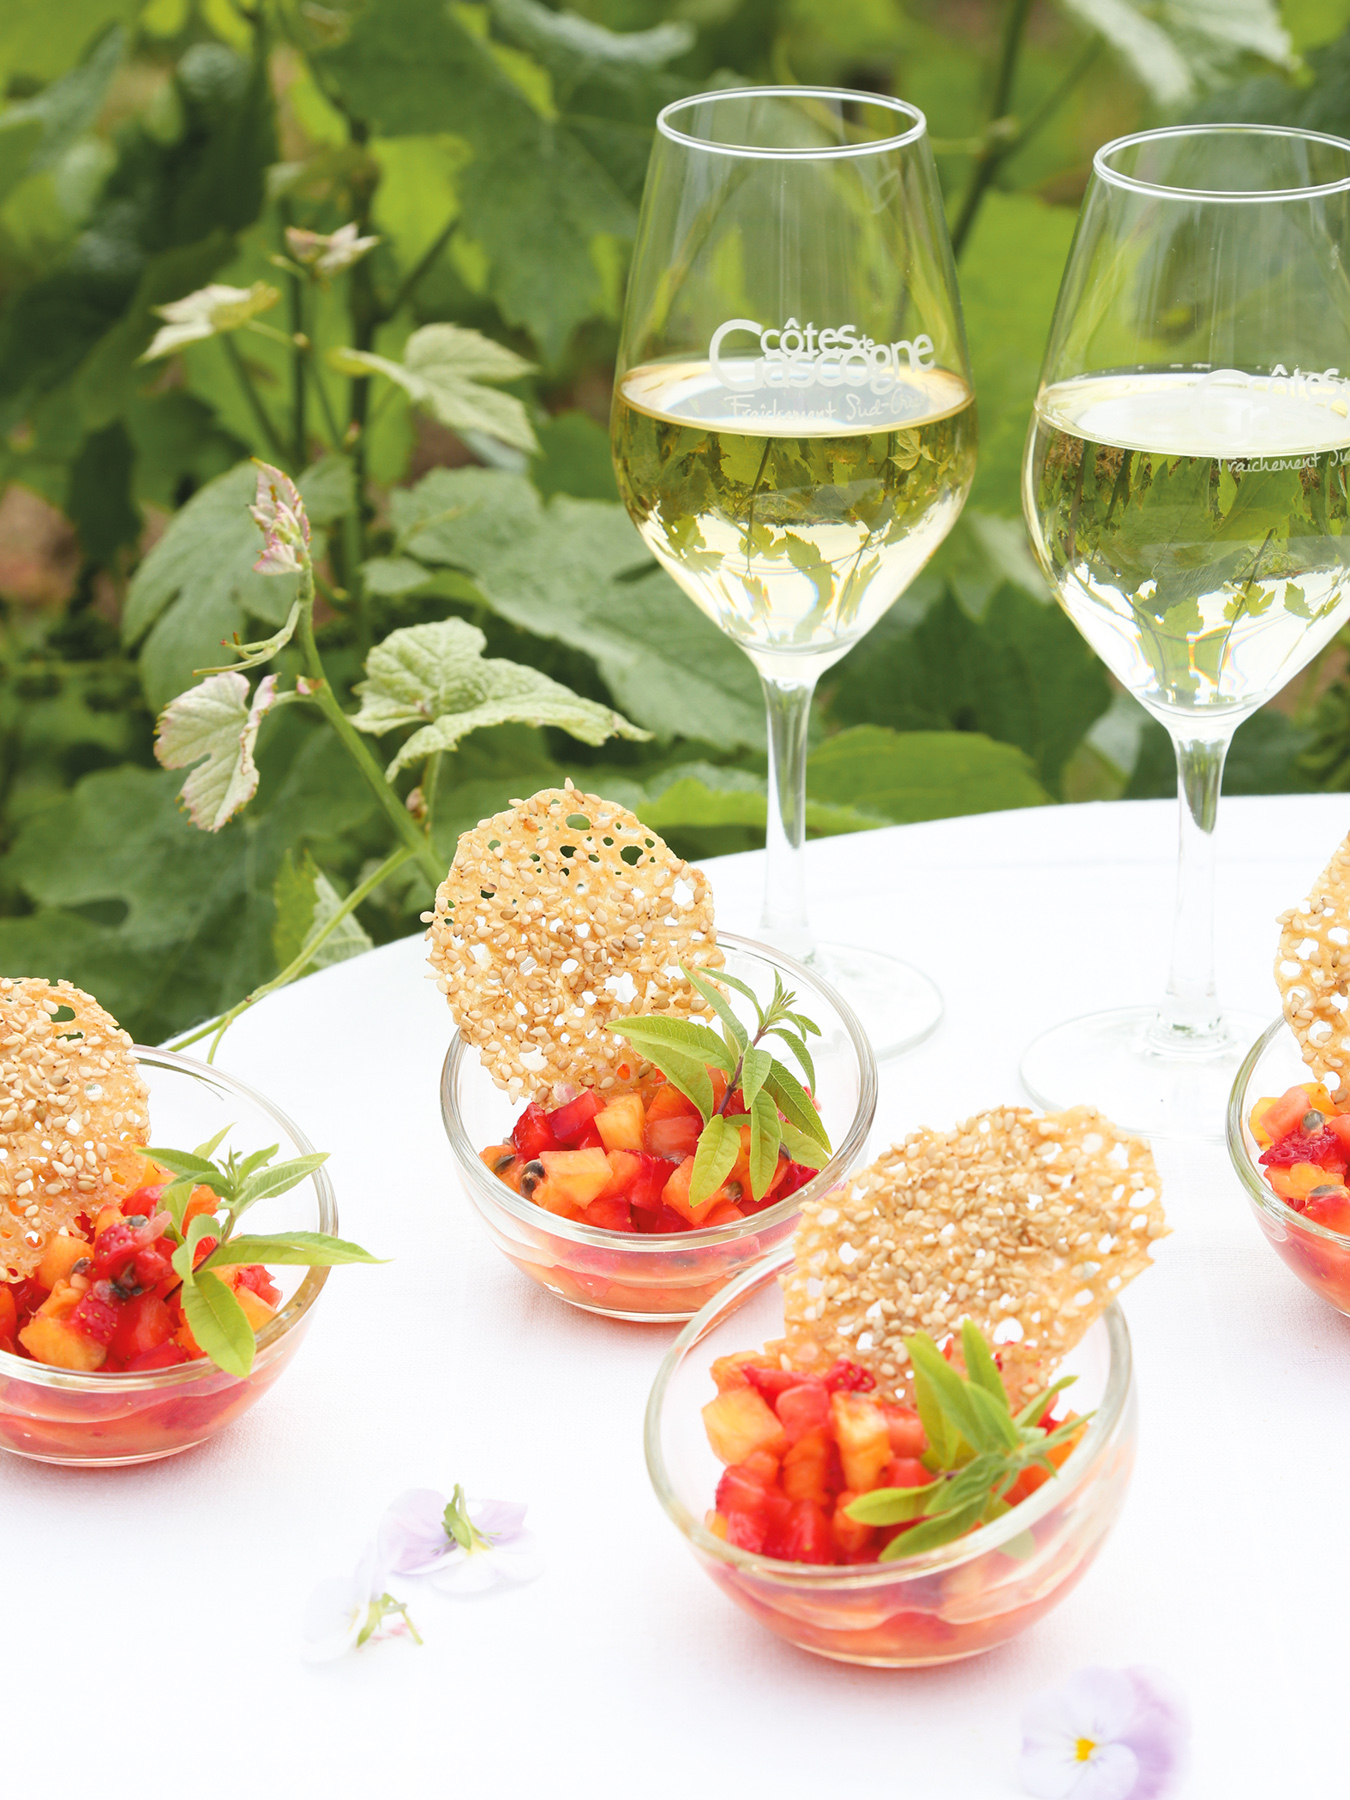 Leaf - Recette de salade de fruits et tuile croustillante au sésame. Accord mets et vins côte de Gascogne. Avec @Petitsbeguins et @LaWINEista